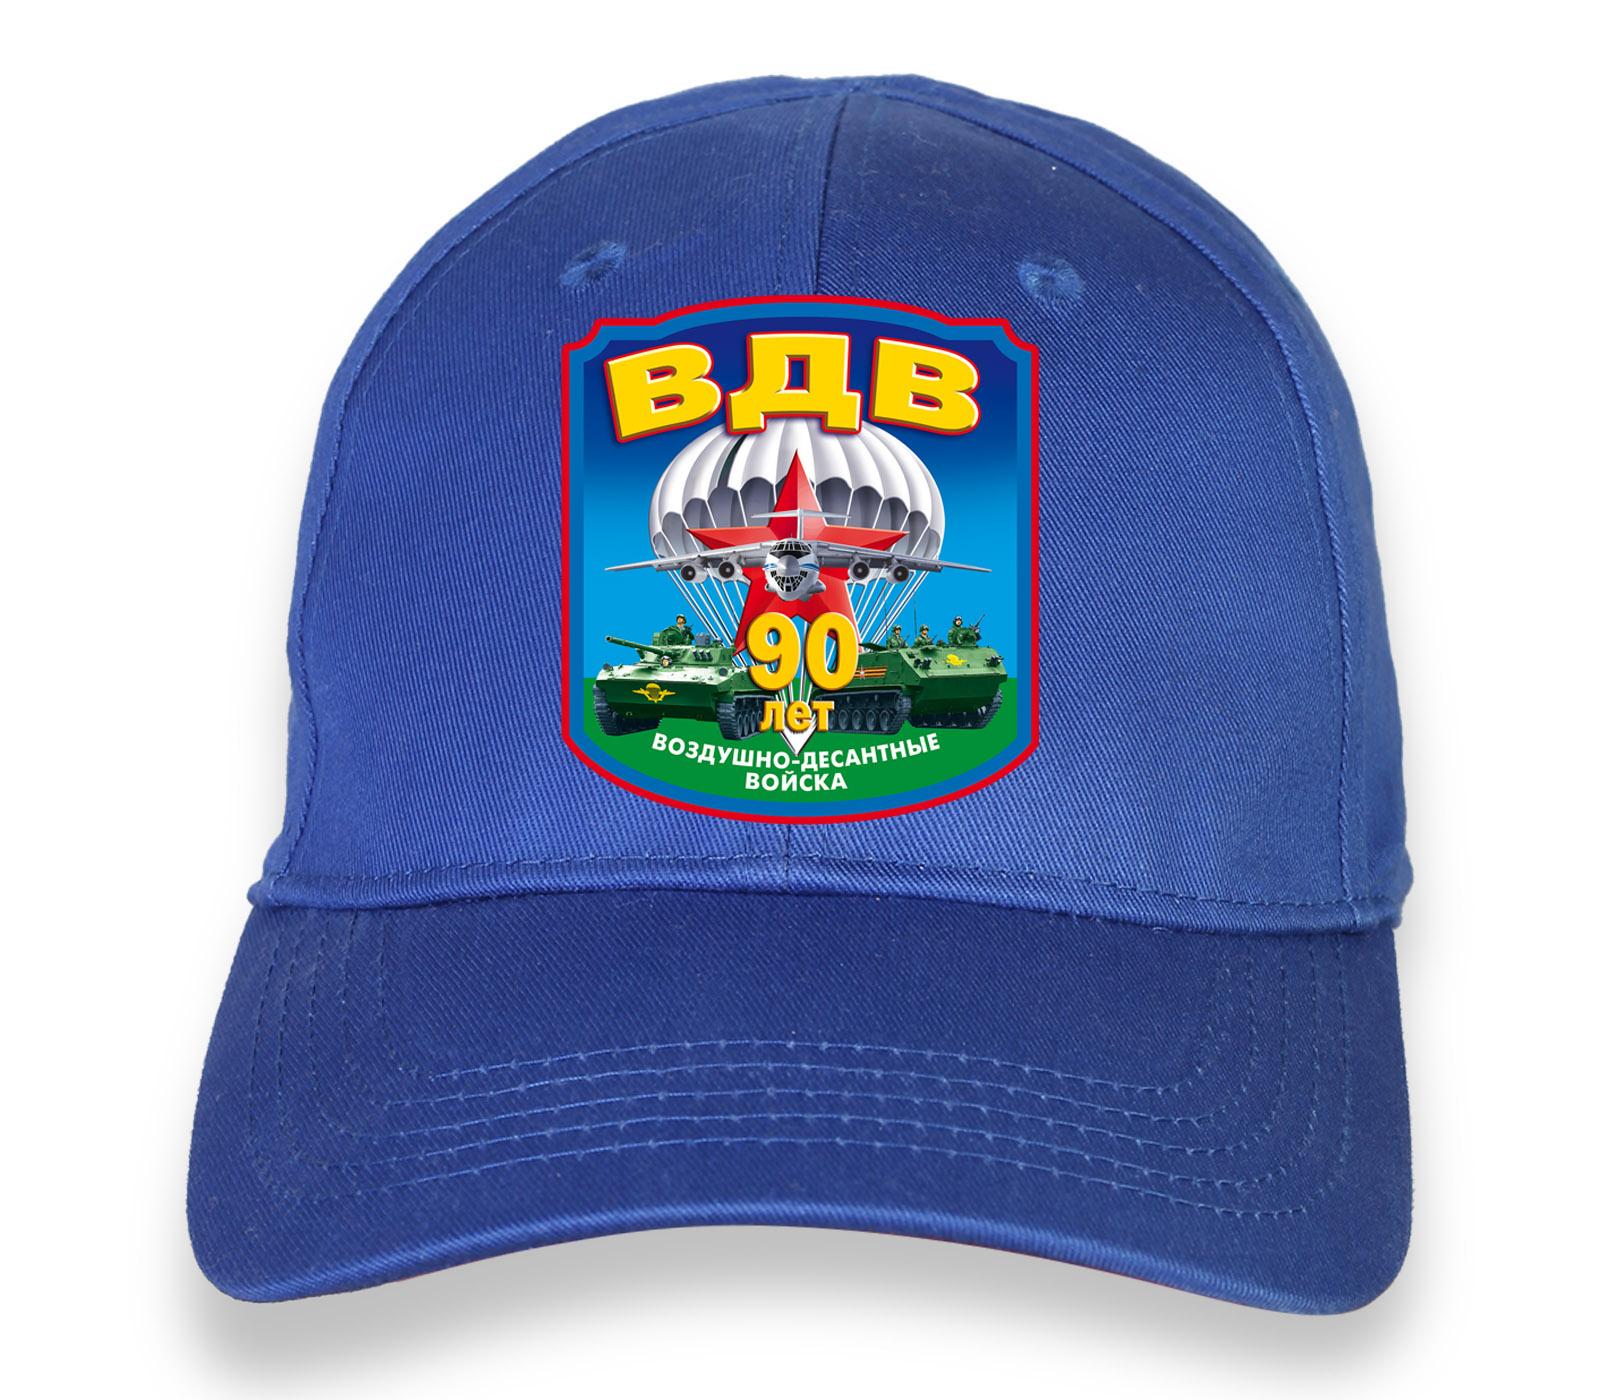 Купить ярко-синюю бейсболку с термотрансфером ВДВ 90 лет в подарок